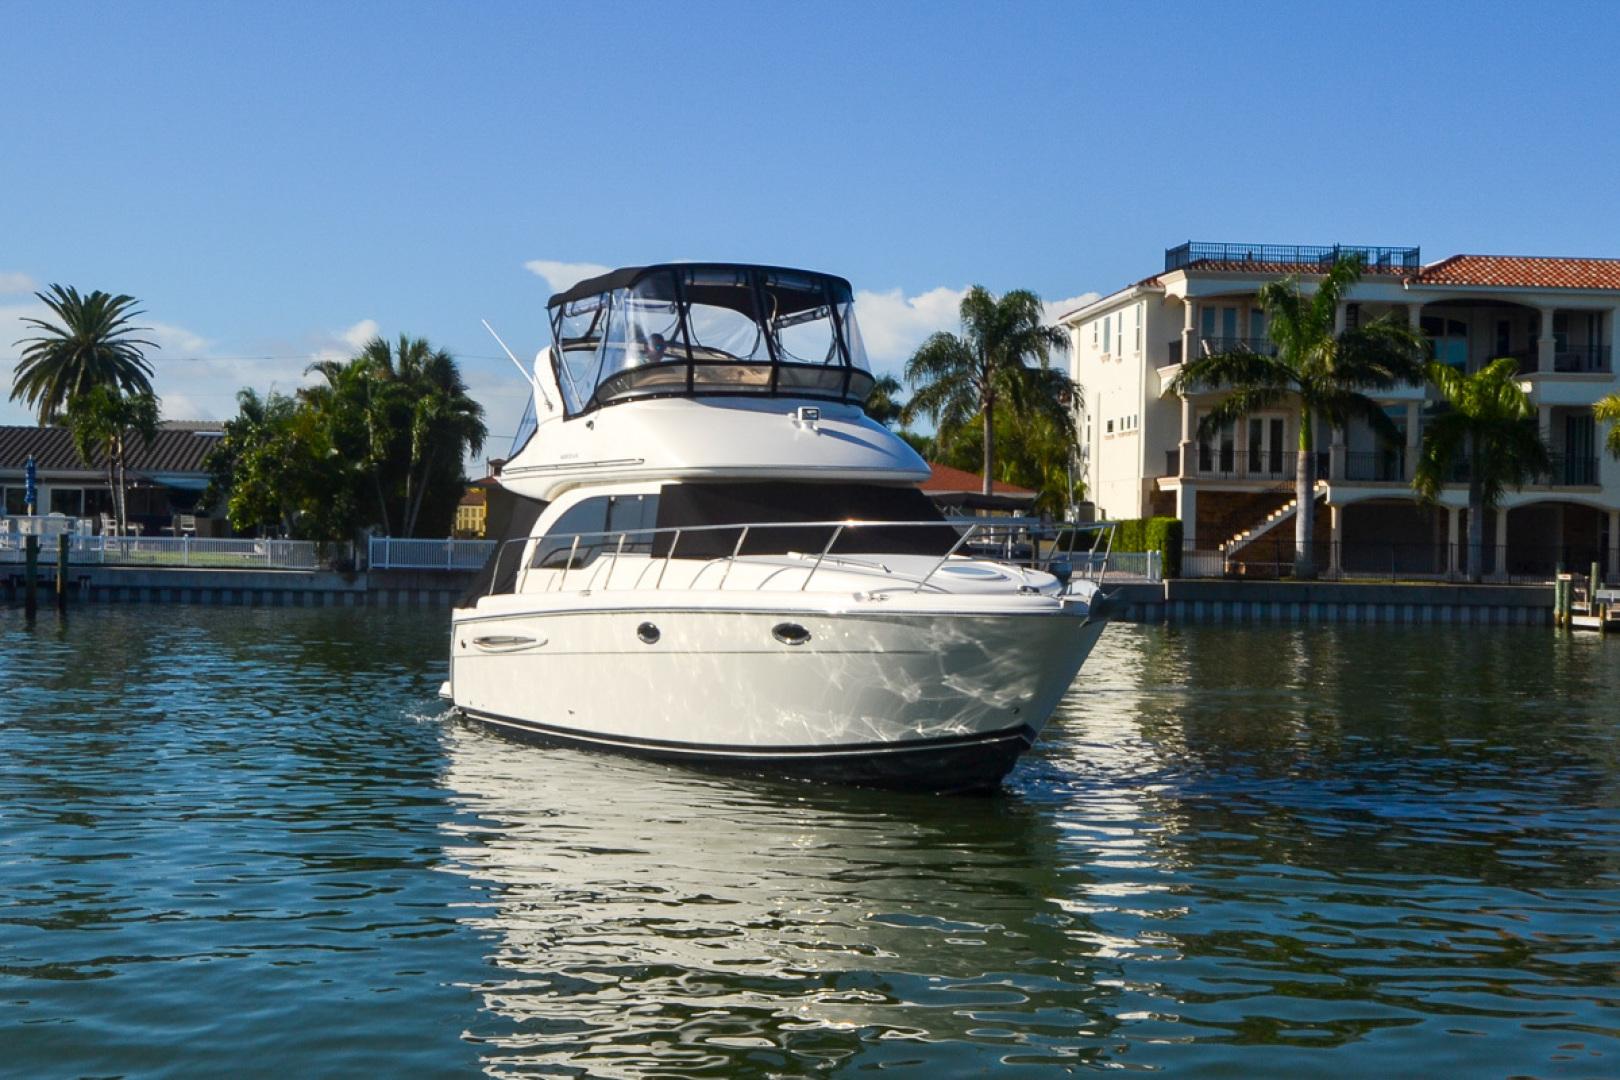 Meridian-341 Sedan 2004-Sea Harmony Belleair Beach-Florida-United States-1496598 | Thumbnail